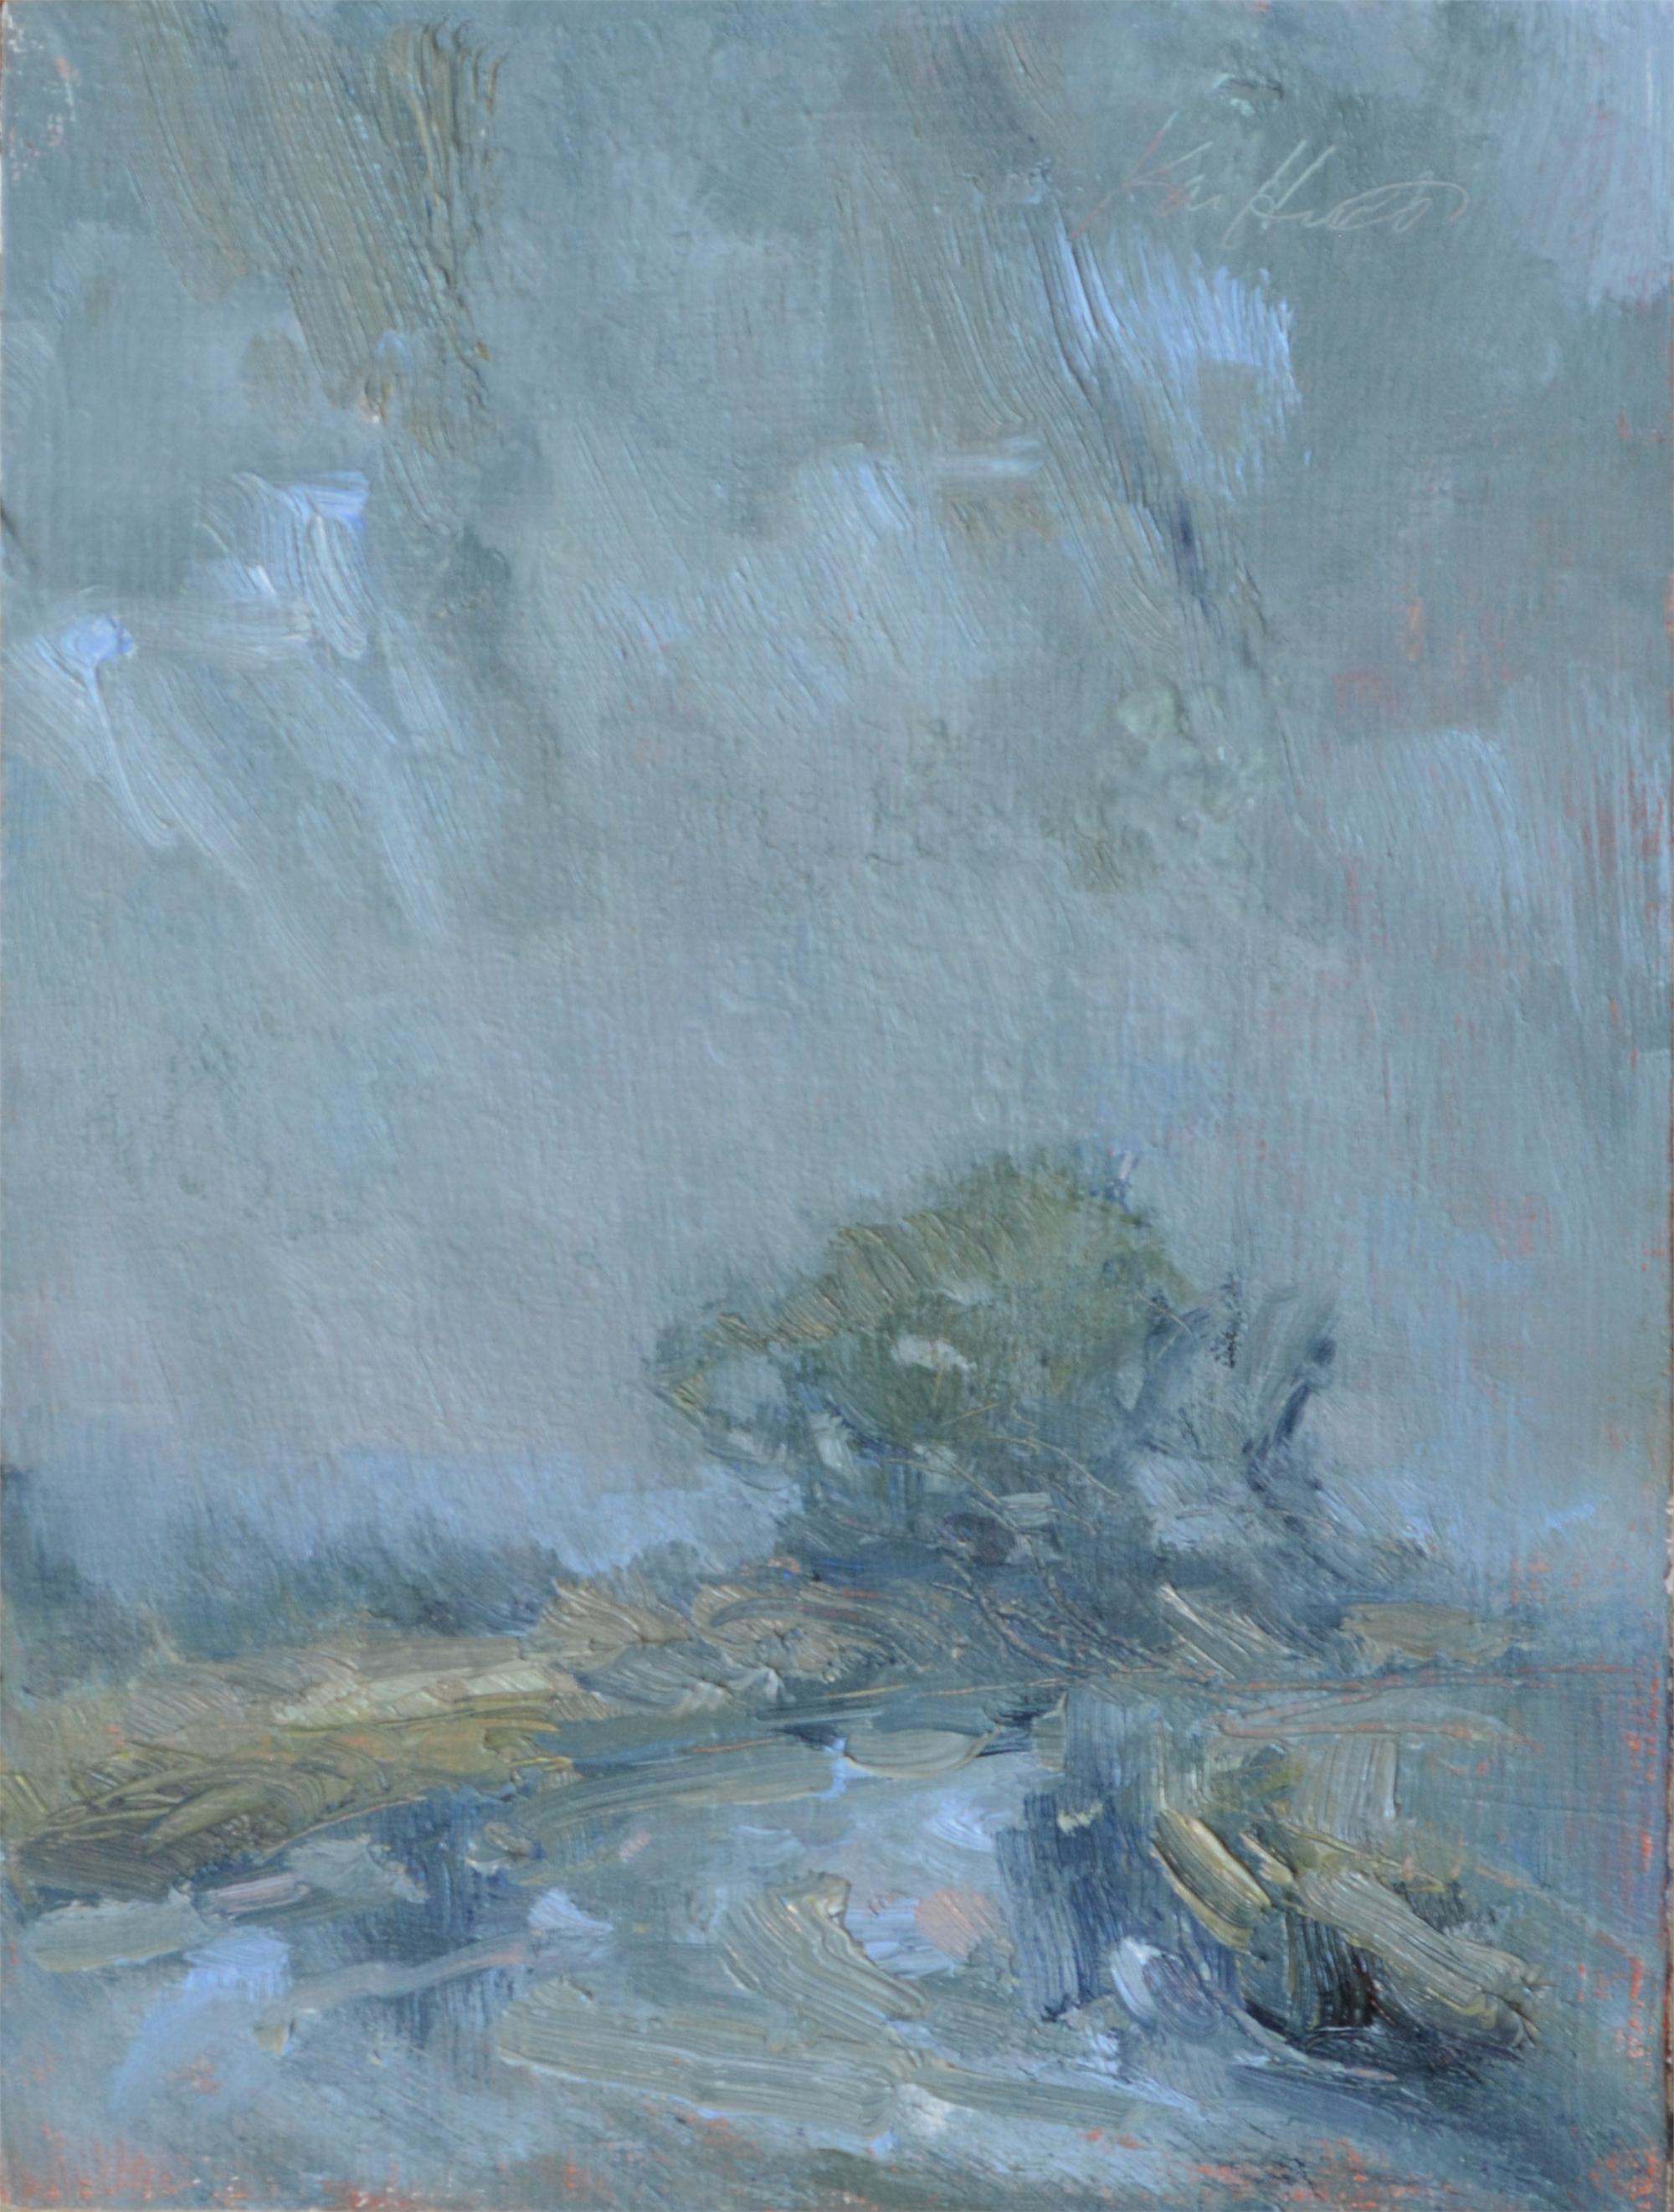 Winding Mist by Karen Hewitt Hagan